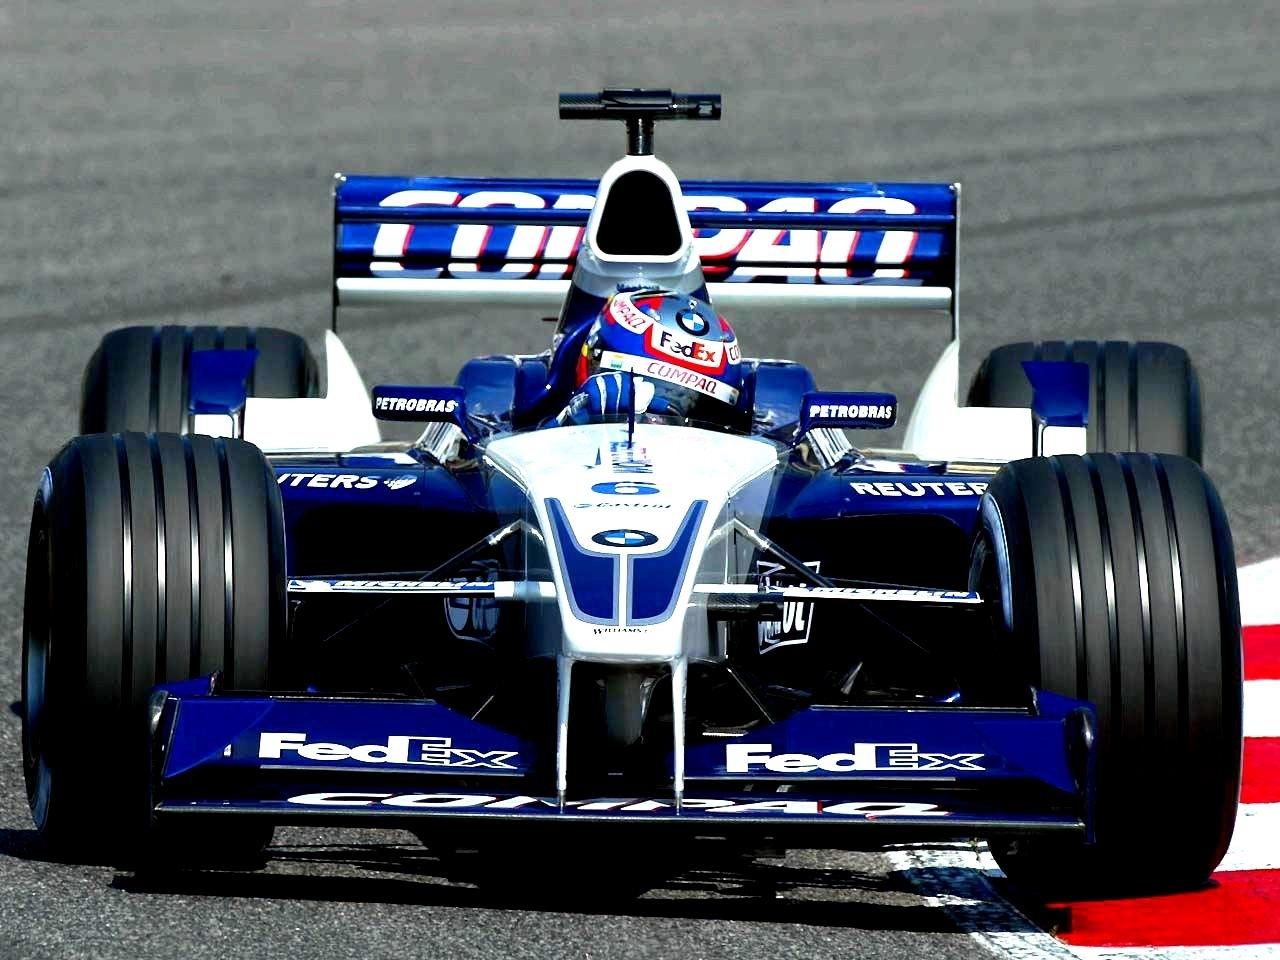 30592 скачать обои Спорт, Машины, Формула-1 (Formula-1, F1) - заставки и картинки бесплатно